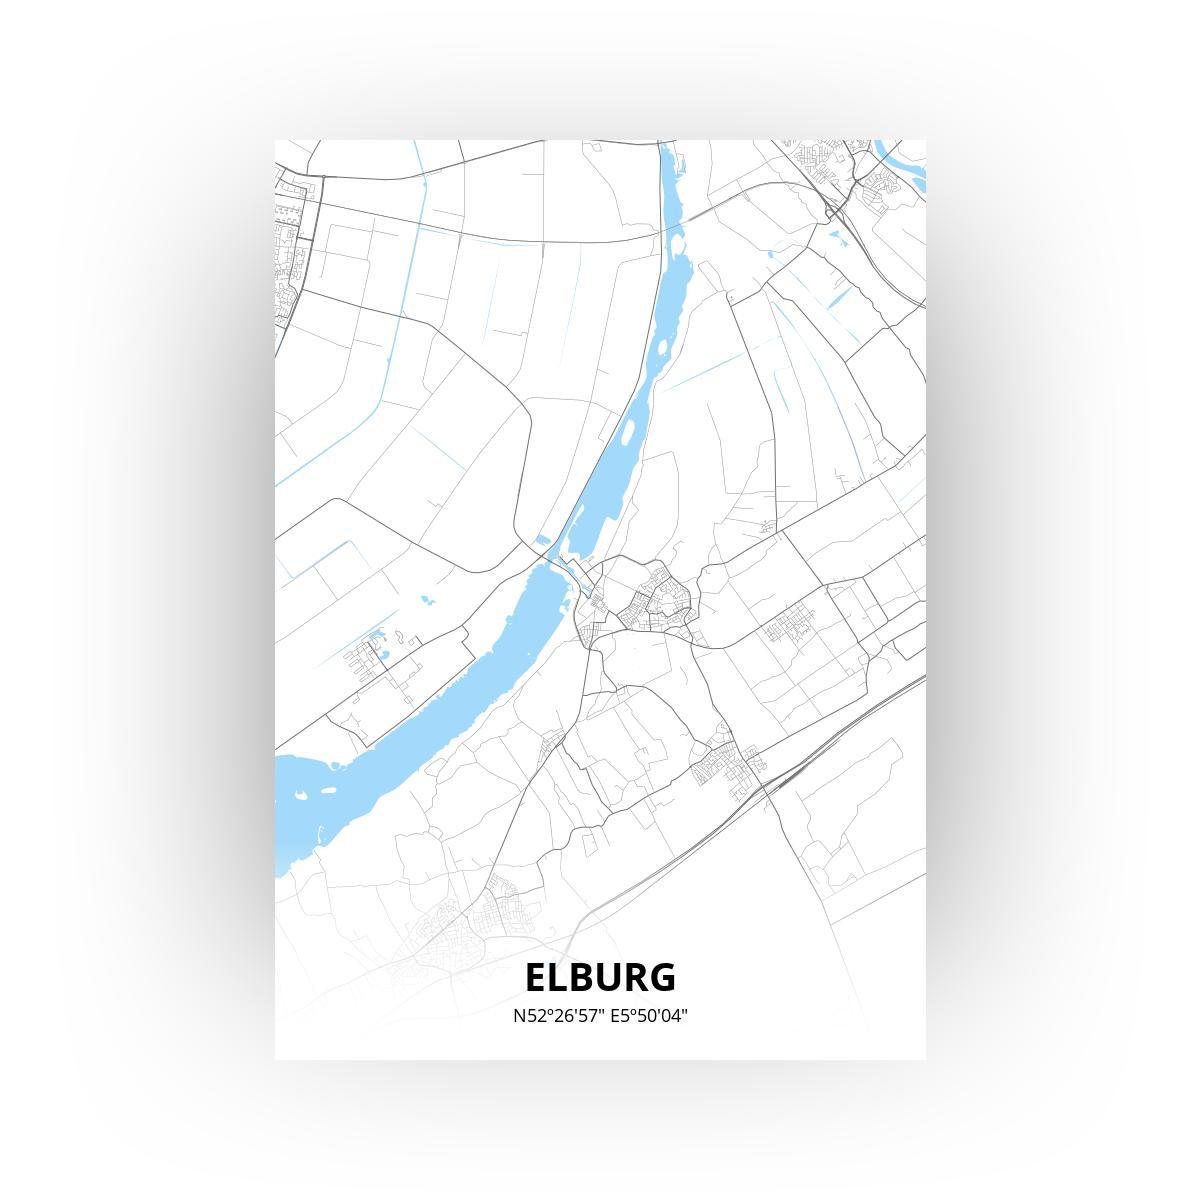 Elburg print - Standaard stijl